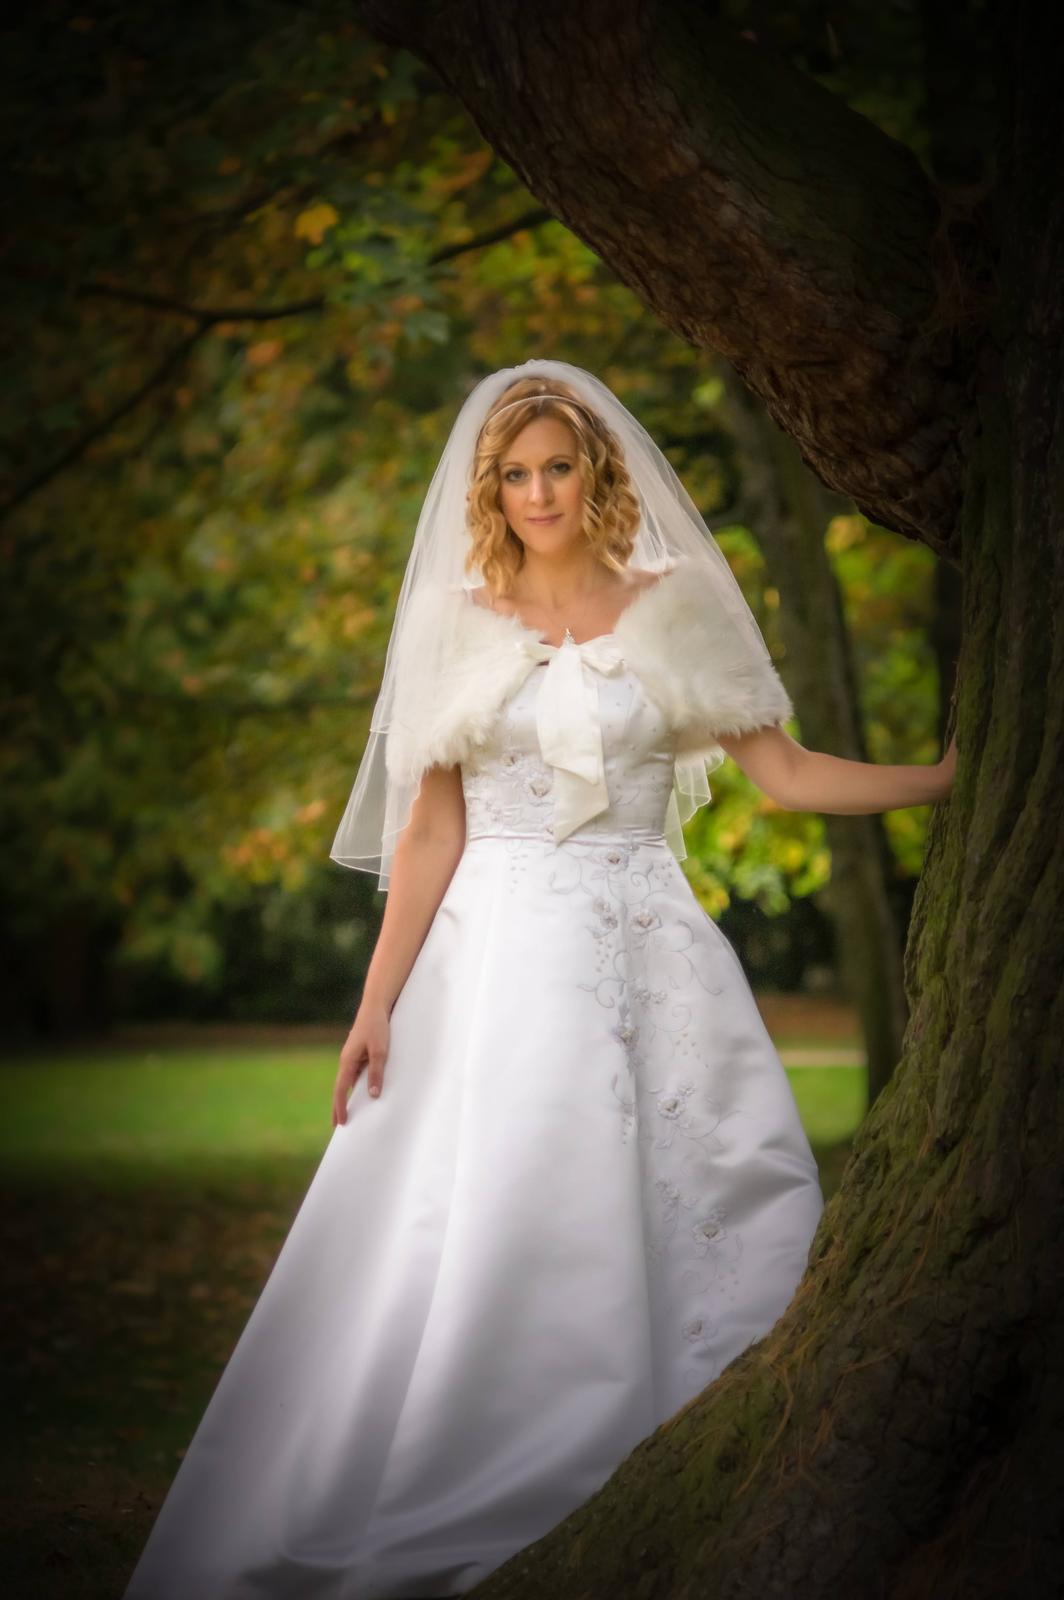 Luxusní svatební šaty s vlečkou 38-42 - Obrázek č. 1